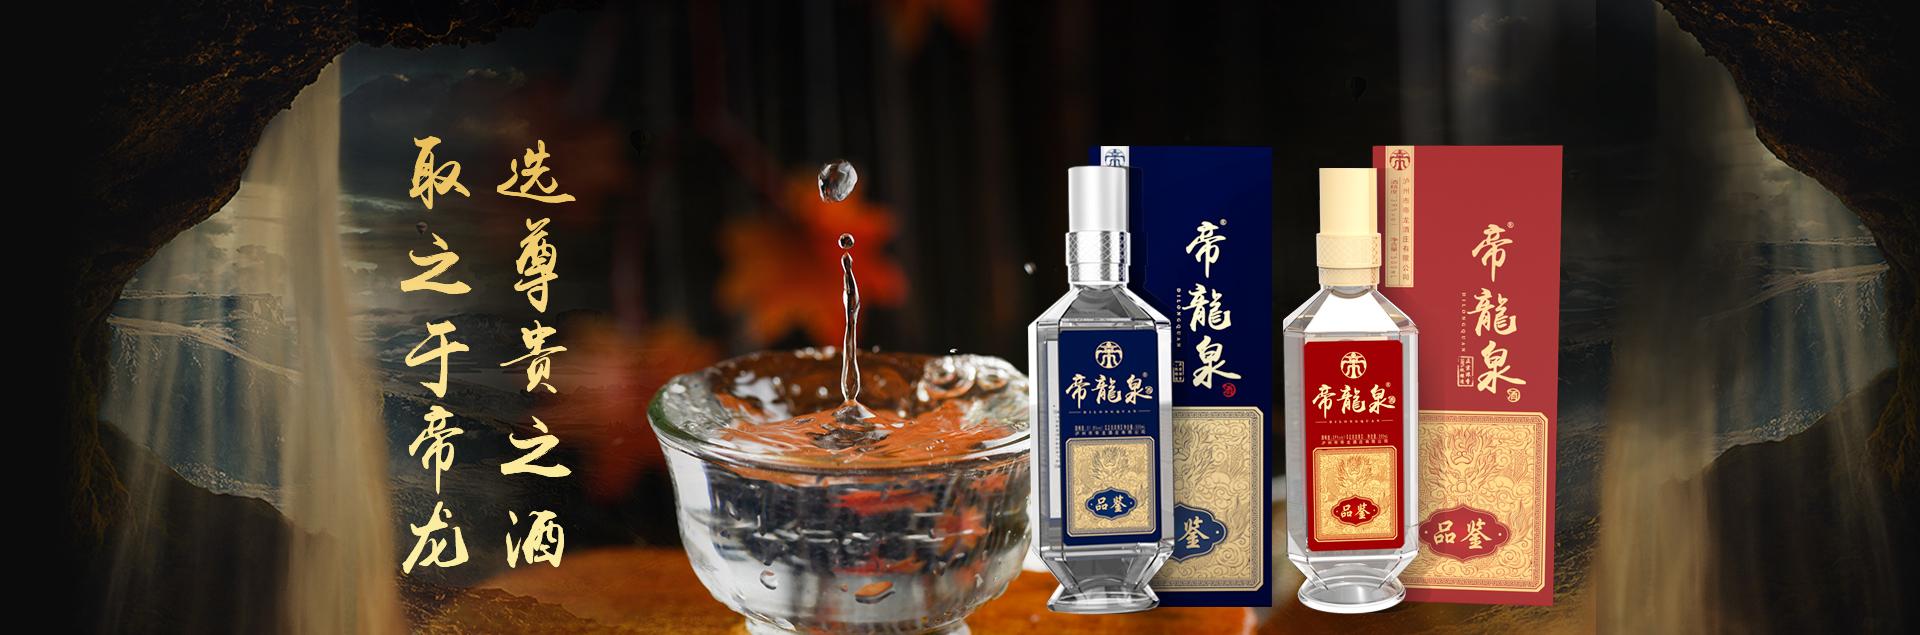 泸州白酒公司